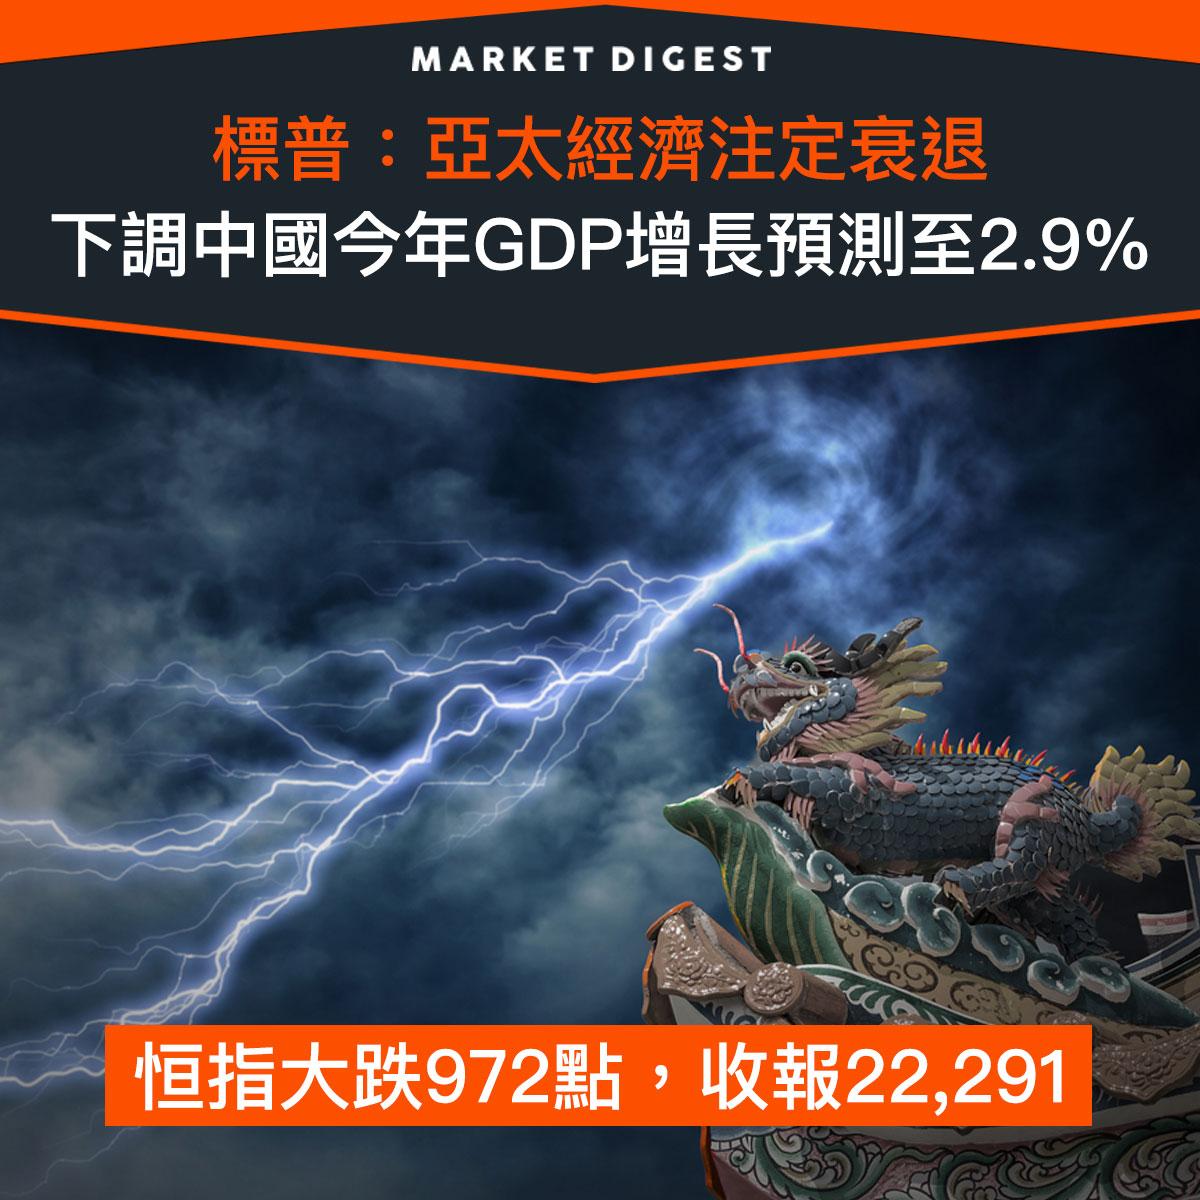 【市場熱話】標普:亞太經濟注定衰退,下調中國今年GDP增長預測至2.9%